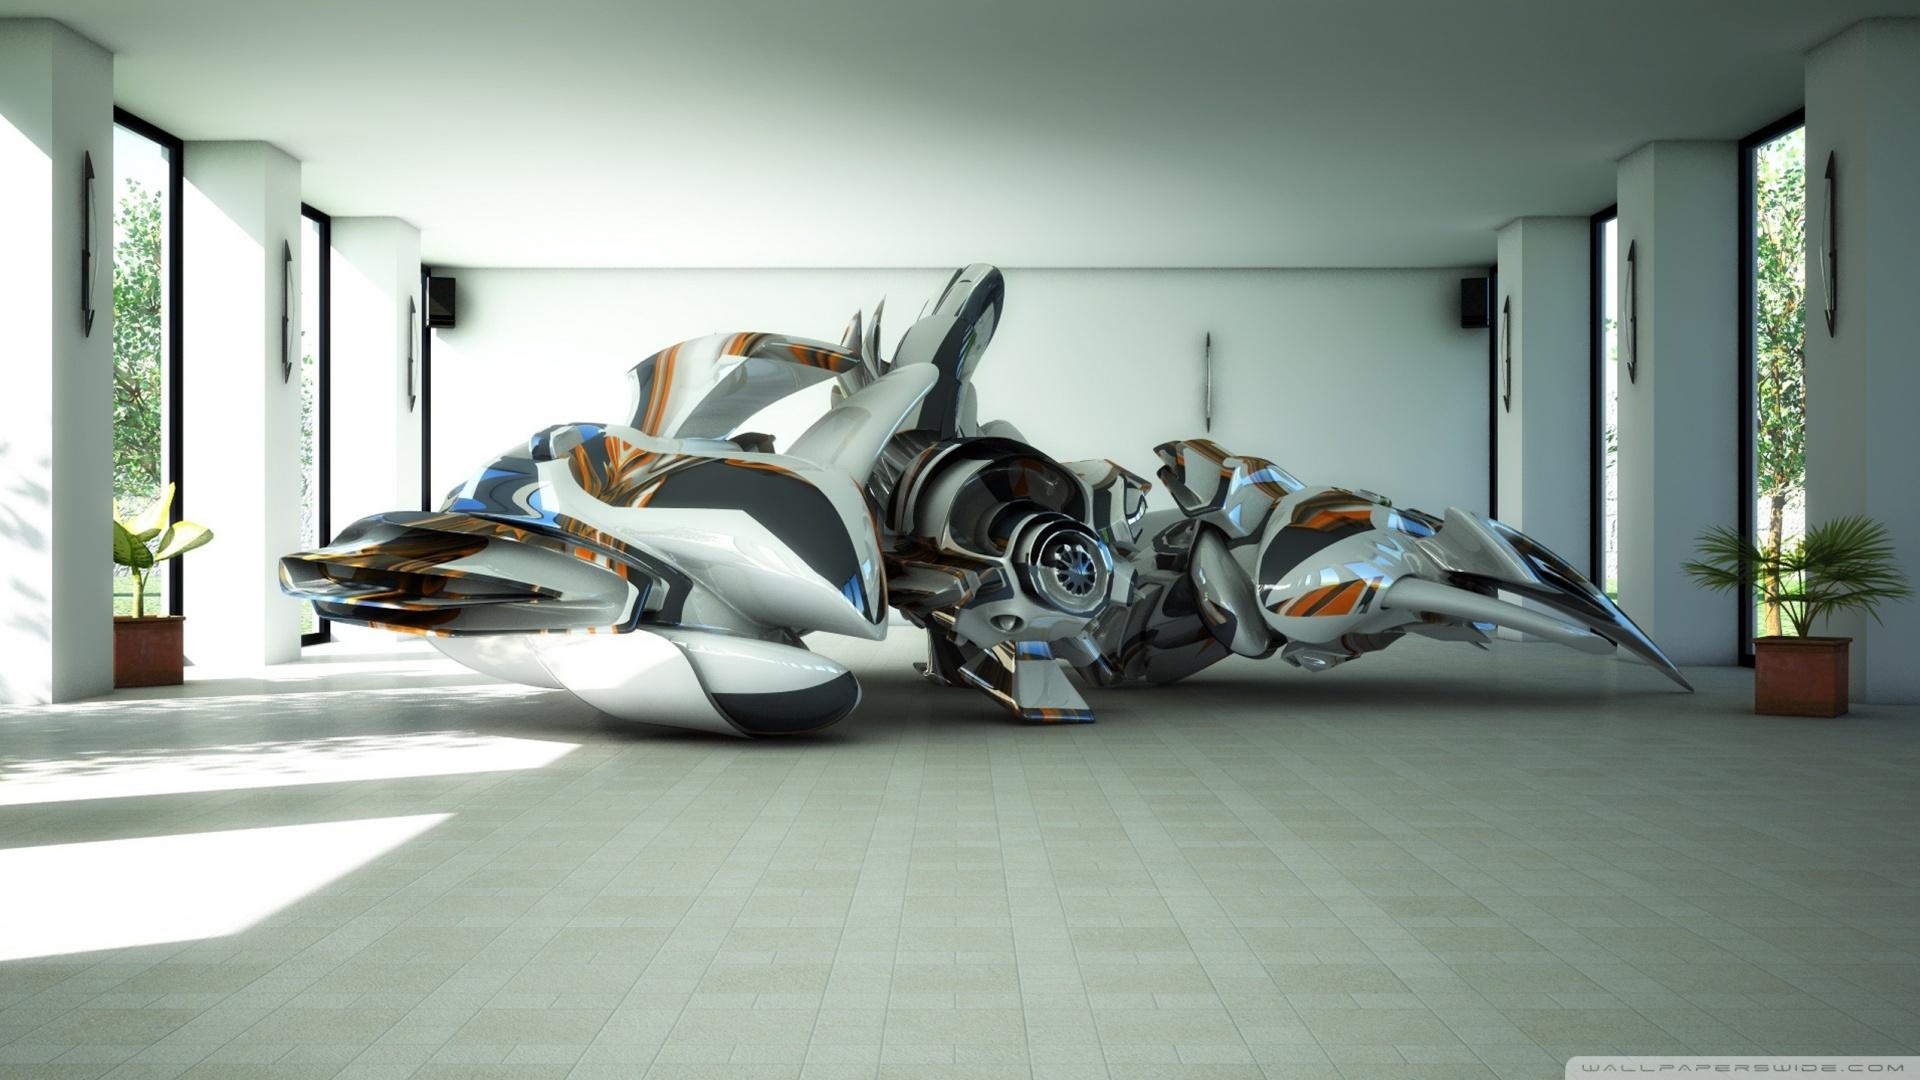 Transformers Wallpaper Hd Widescreen Transformer Robot 4k Hd Desktop Wallpaper For 4k Ultra Hd